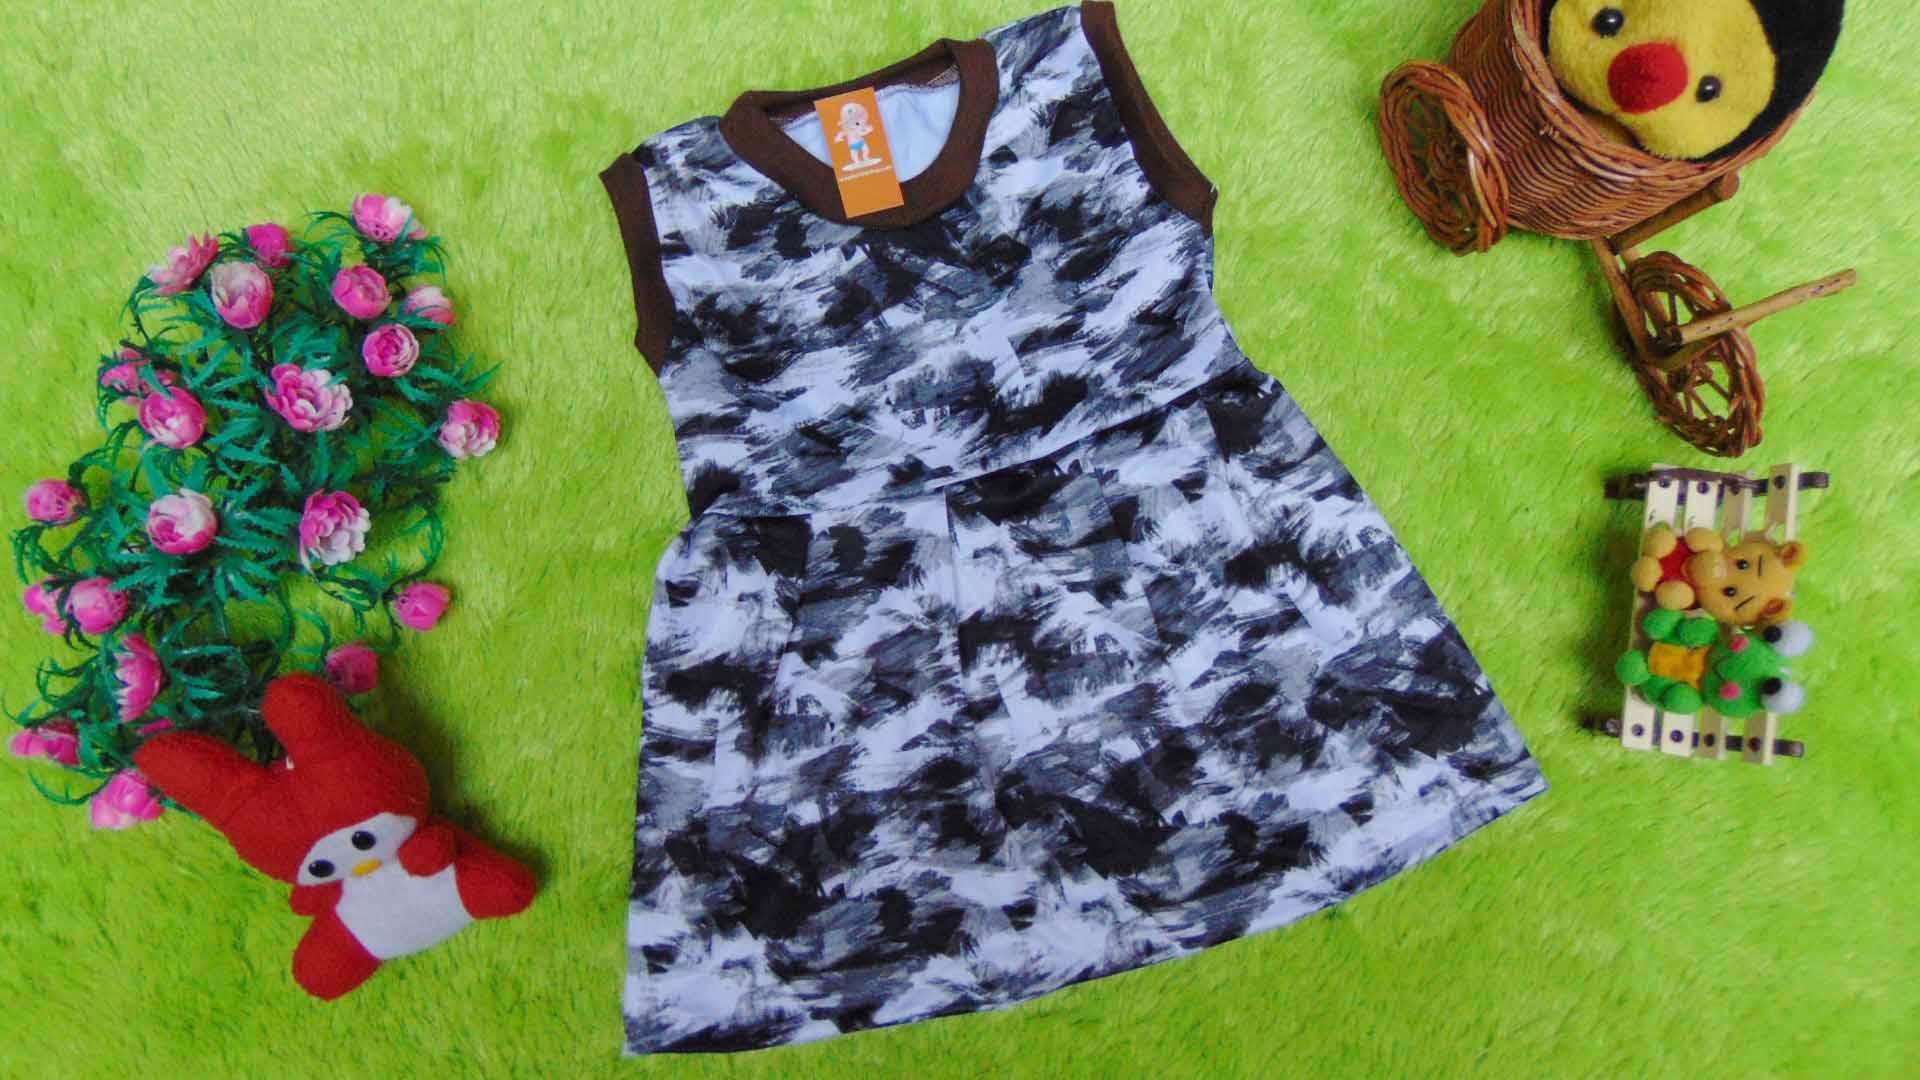 baju bayi perempuan cewek 0-6bulan dress alisa sketch abu 22 lebar dada 24cm bisa melar,panjang 39cm,bahan lembut,bikin dedek bayi tambah cantik